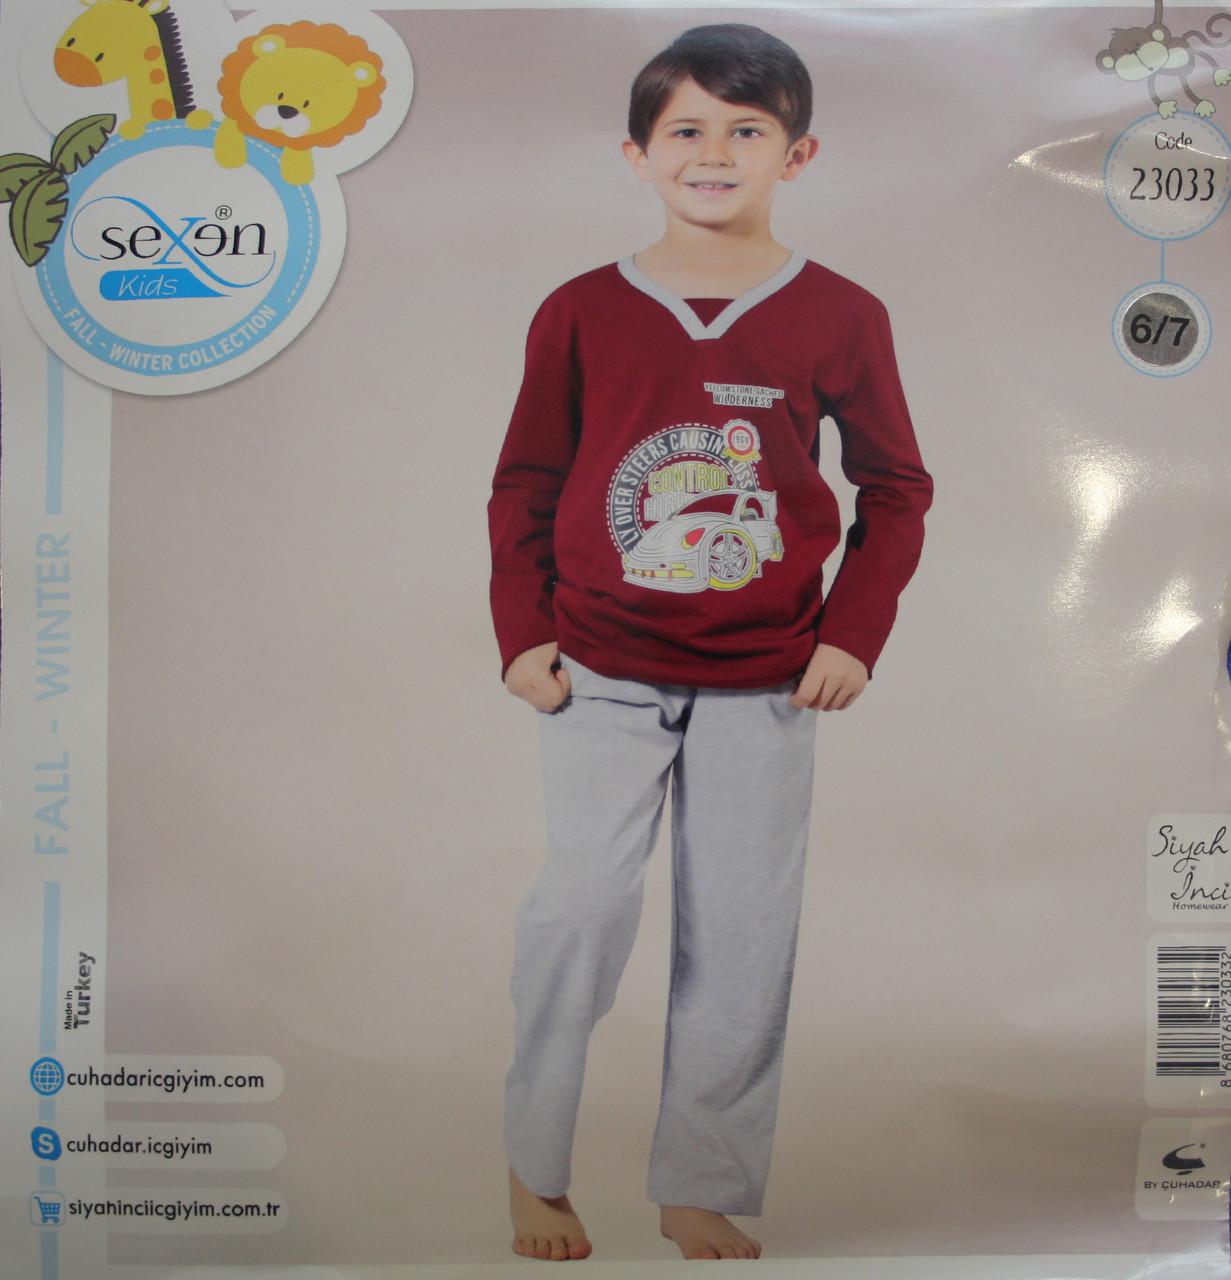 Детская пижама для мальчика SEXEN 23033